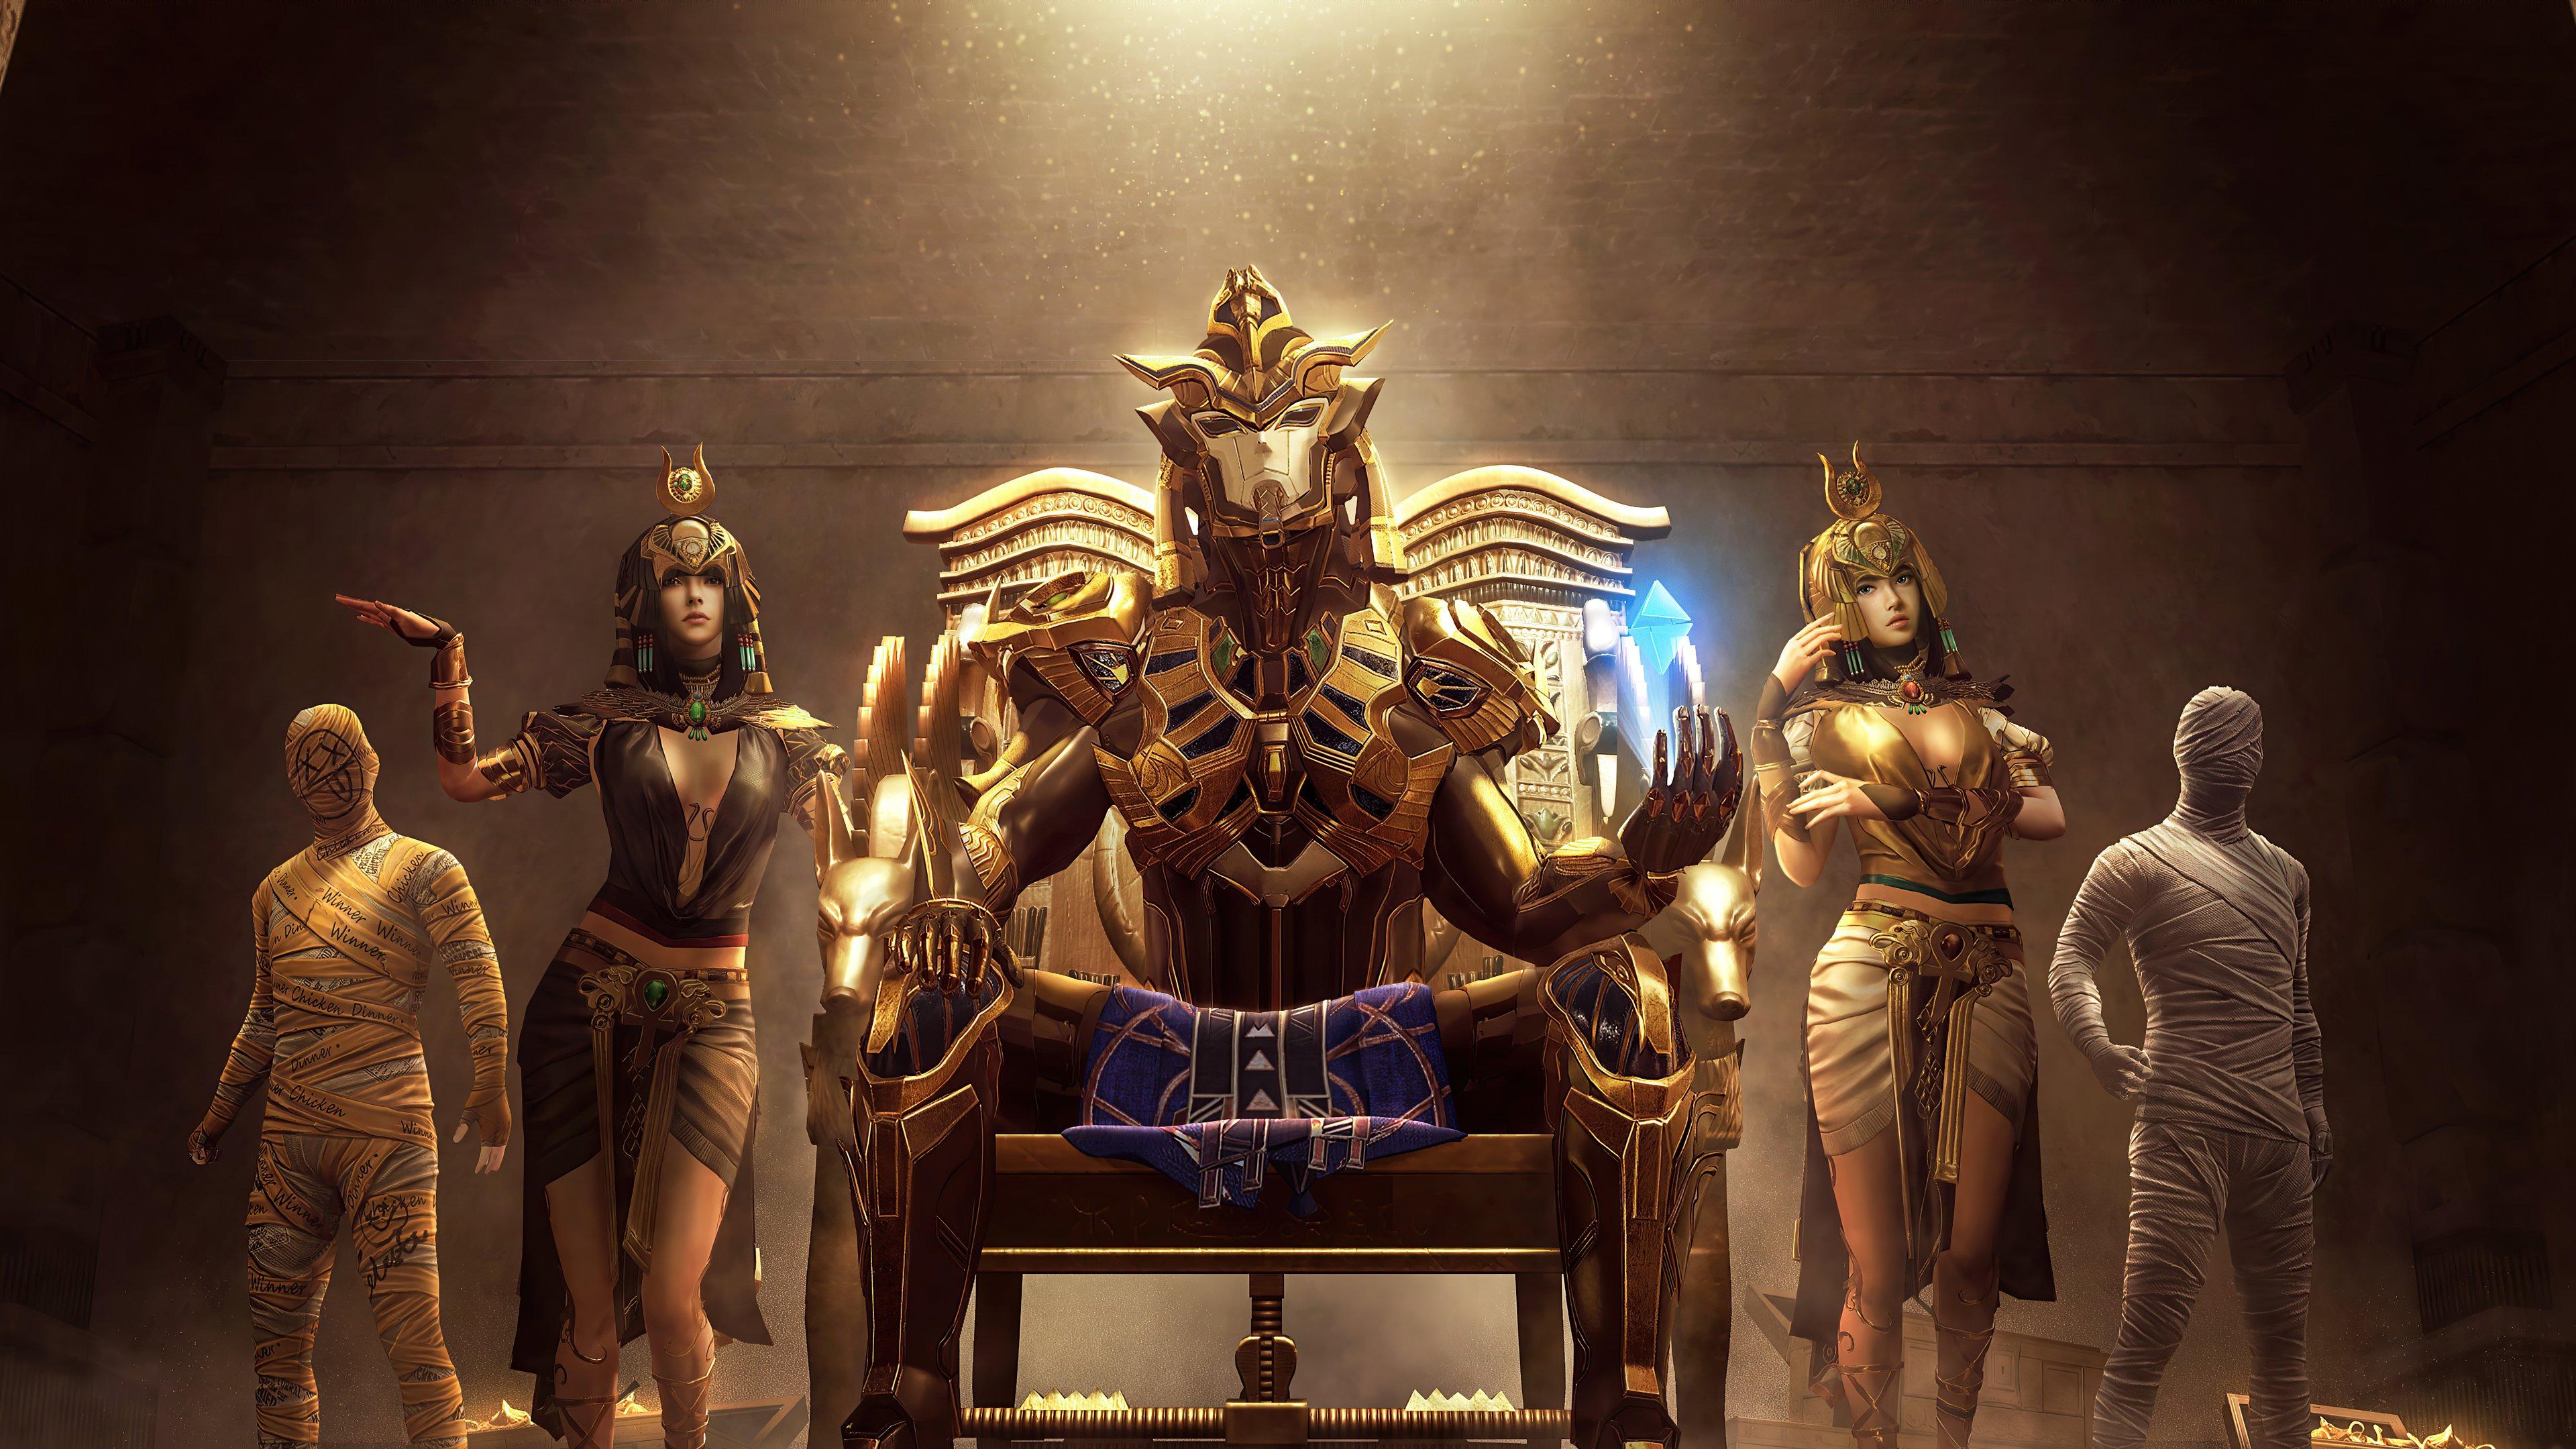 Fondos de pantalla Faraón dorado de PUBG